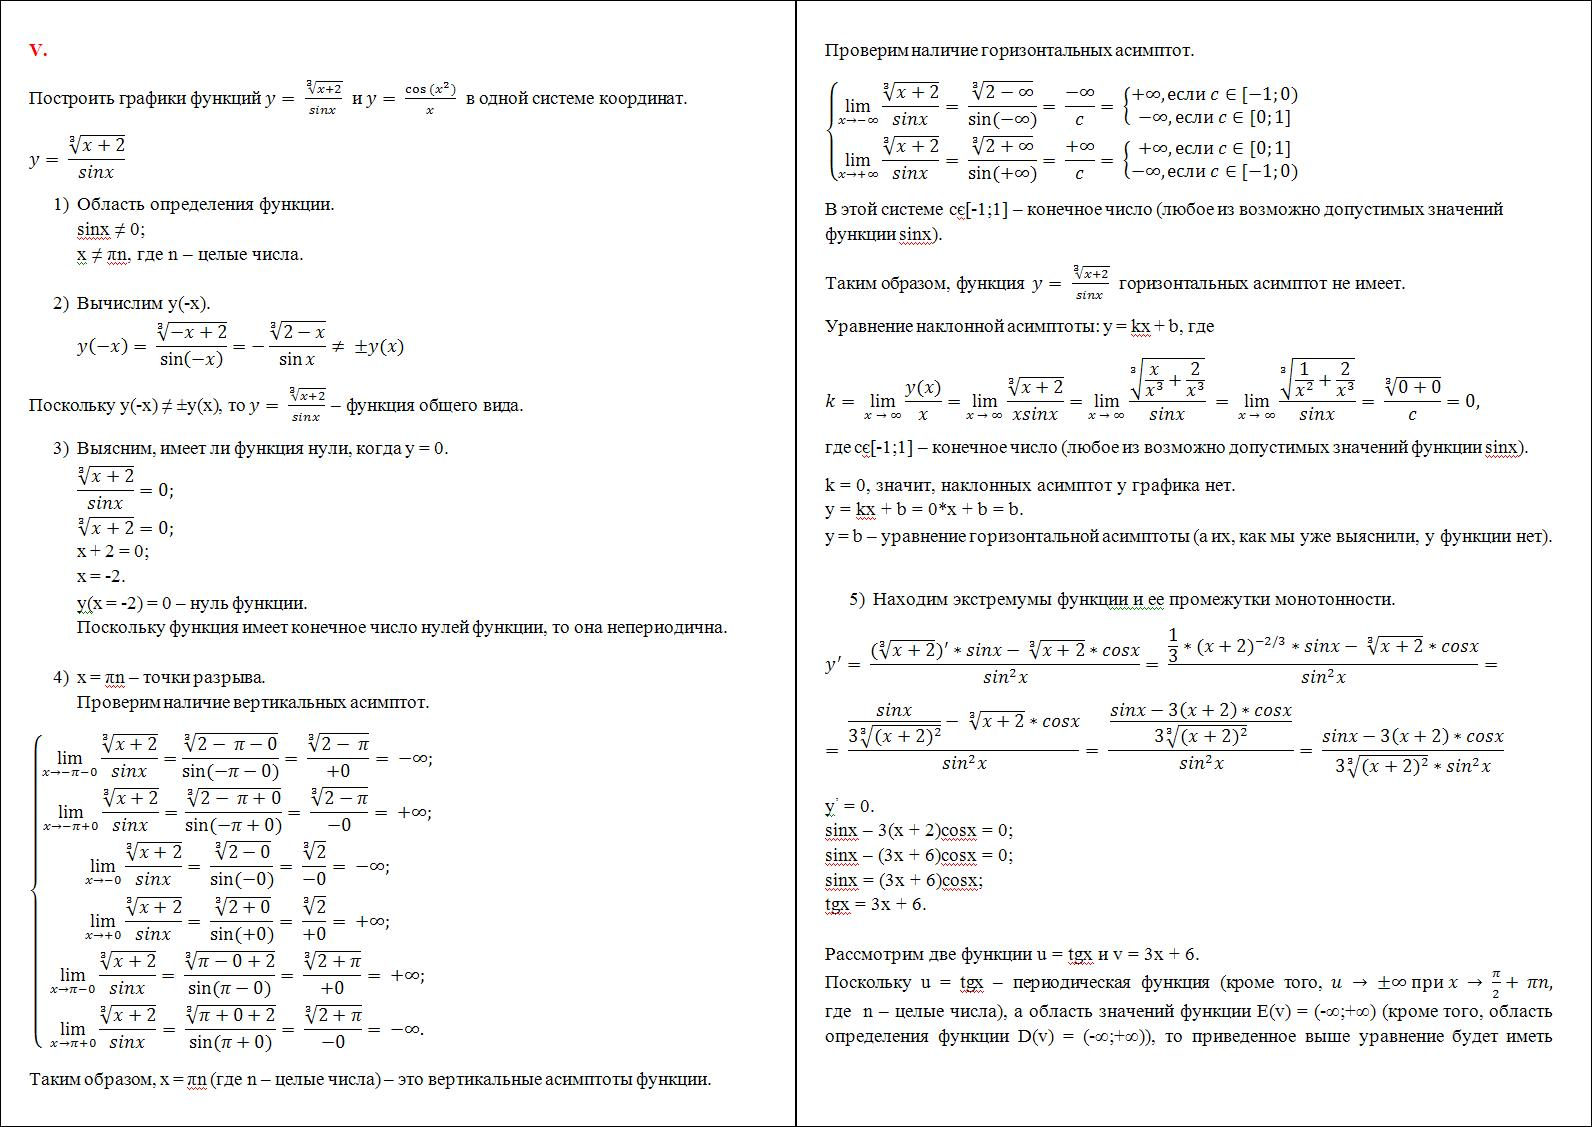 Фриланс решение задач по математике фриланс телефонные продажи